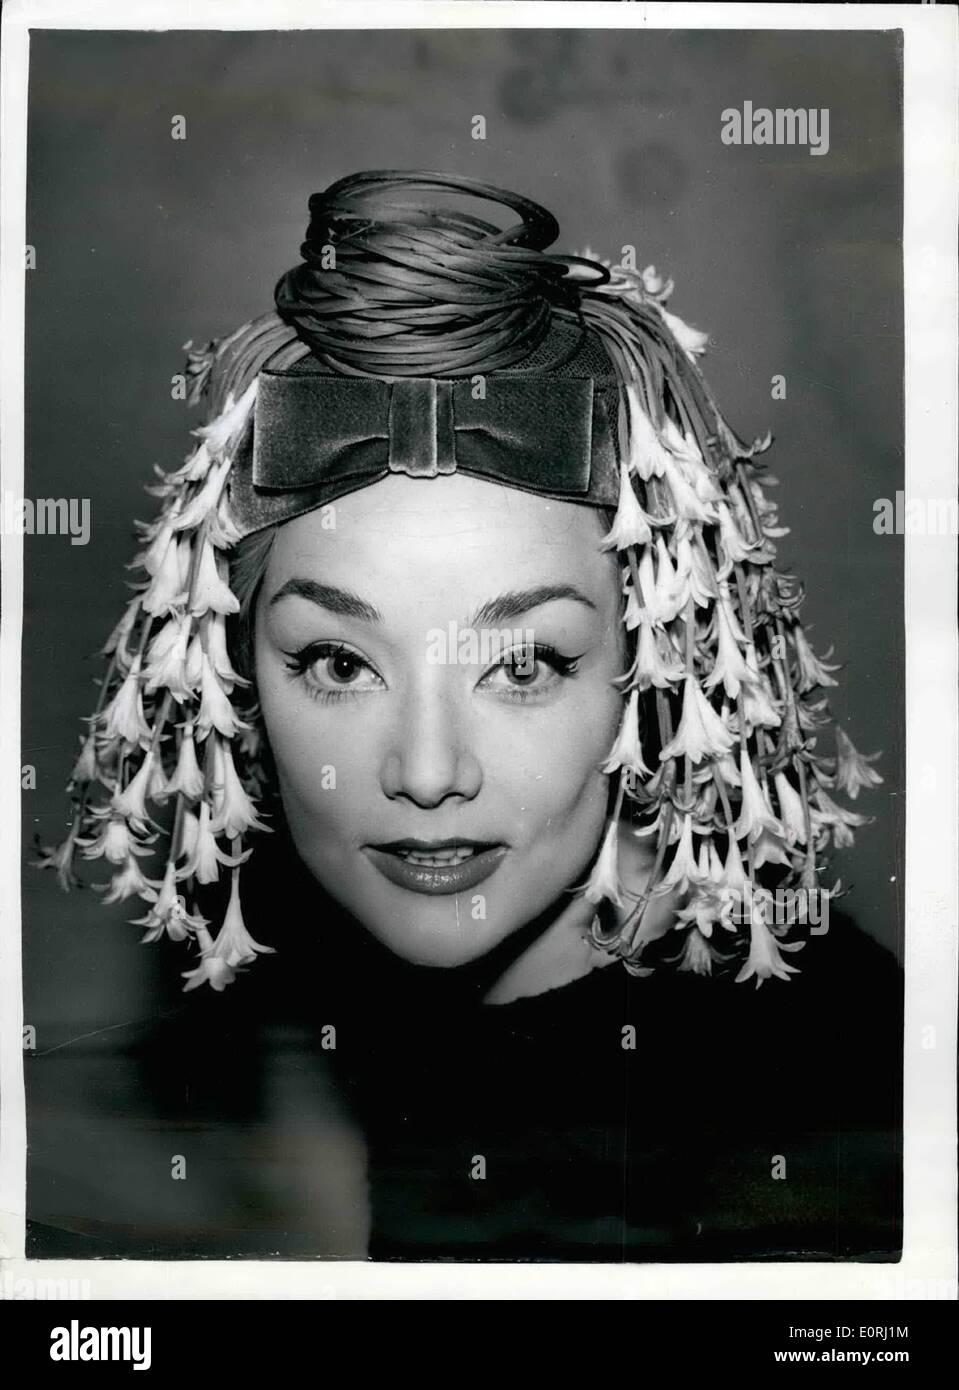 Novembre 11, 1959 - Nouveau Hat Styles sur Show à Londres ''Water Nymph'': la vingt-neuvième collection de chapeaux de modèle - était affiché ce matin par la Guilde de la chapellerie, à l'Hôtel Dorchester. Photo montre eve Lucette ''modèles nymphe de l'eau'' - conçu par Oliver Niblett. C'est une pilule-box boîte avec des sentiers de l'étape~~notis - qui rappelle d'un couvre-chef égyptien. Photo Stock